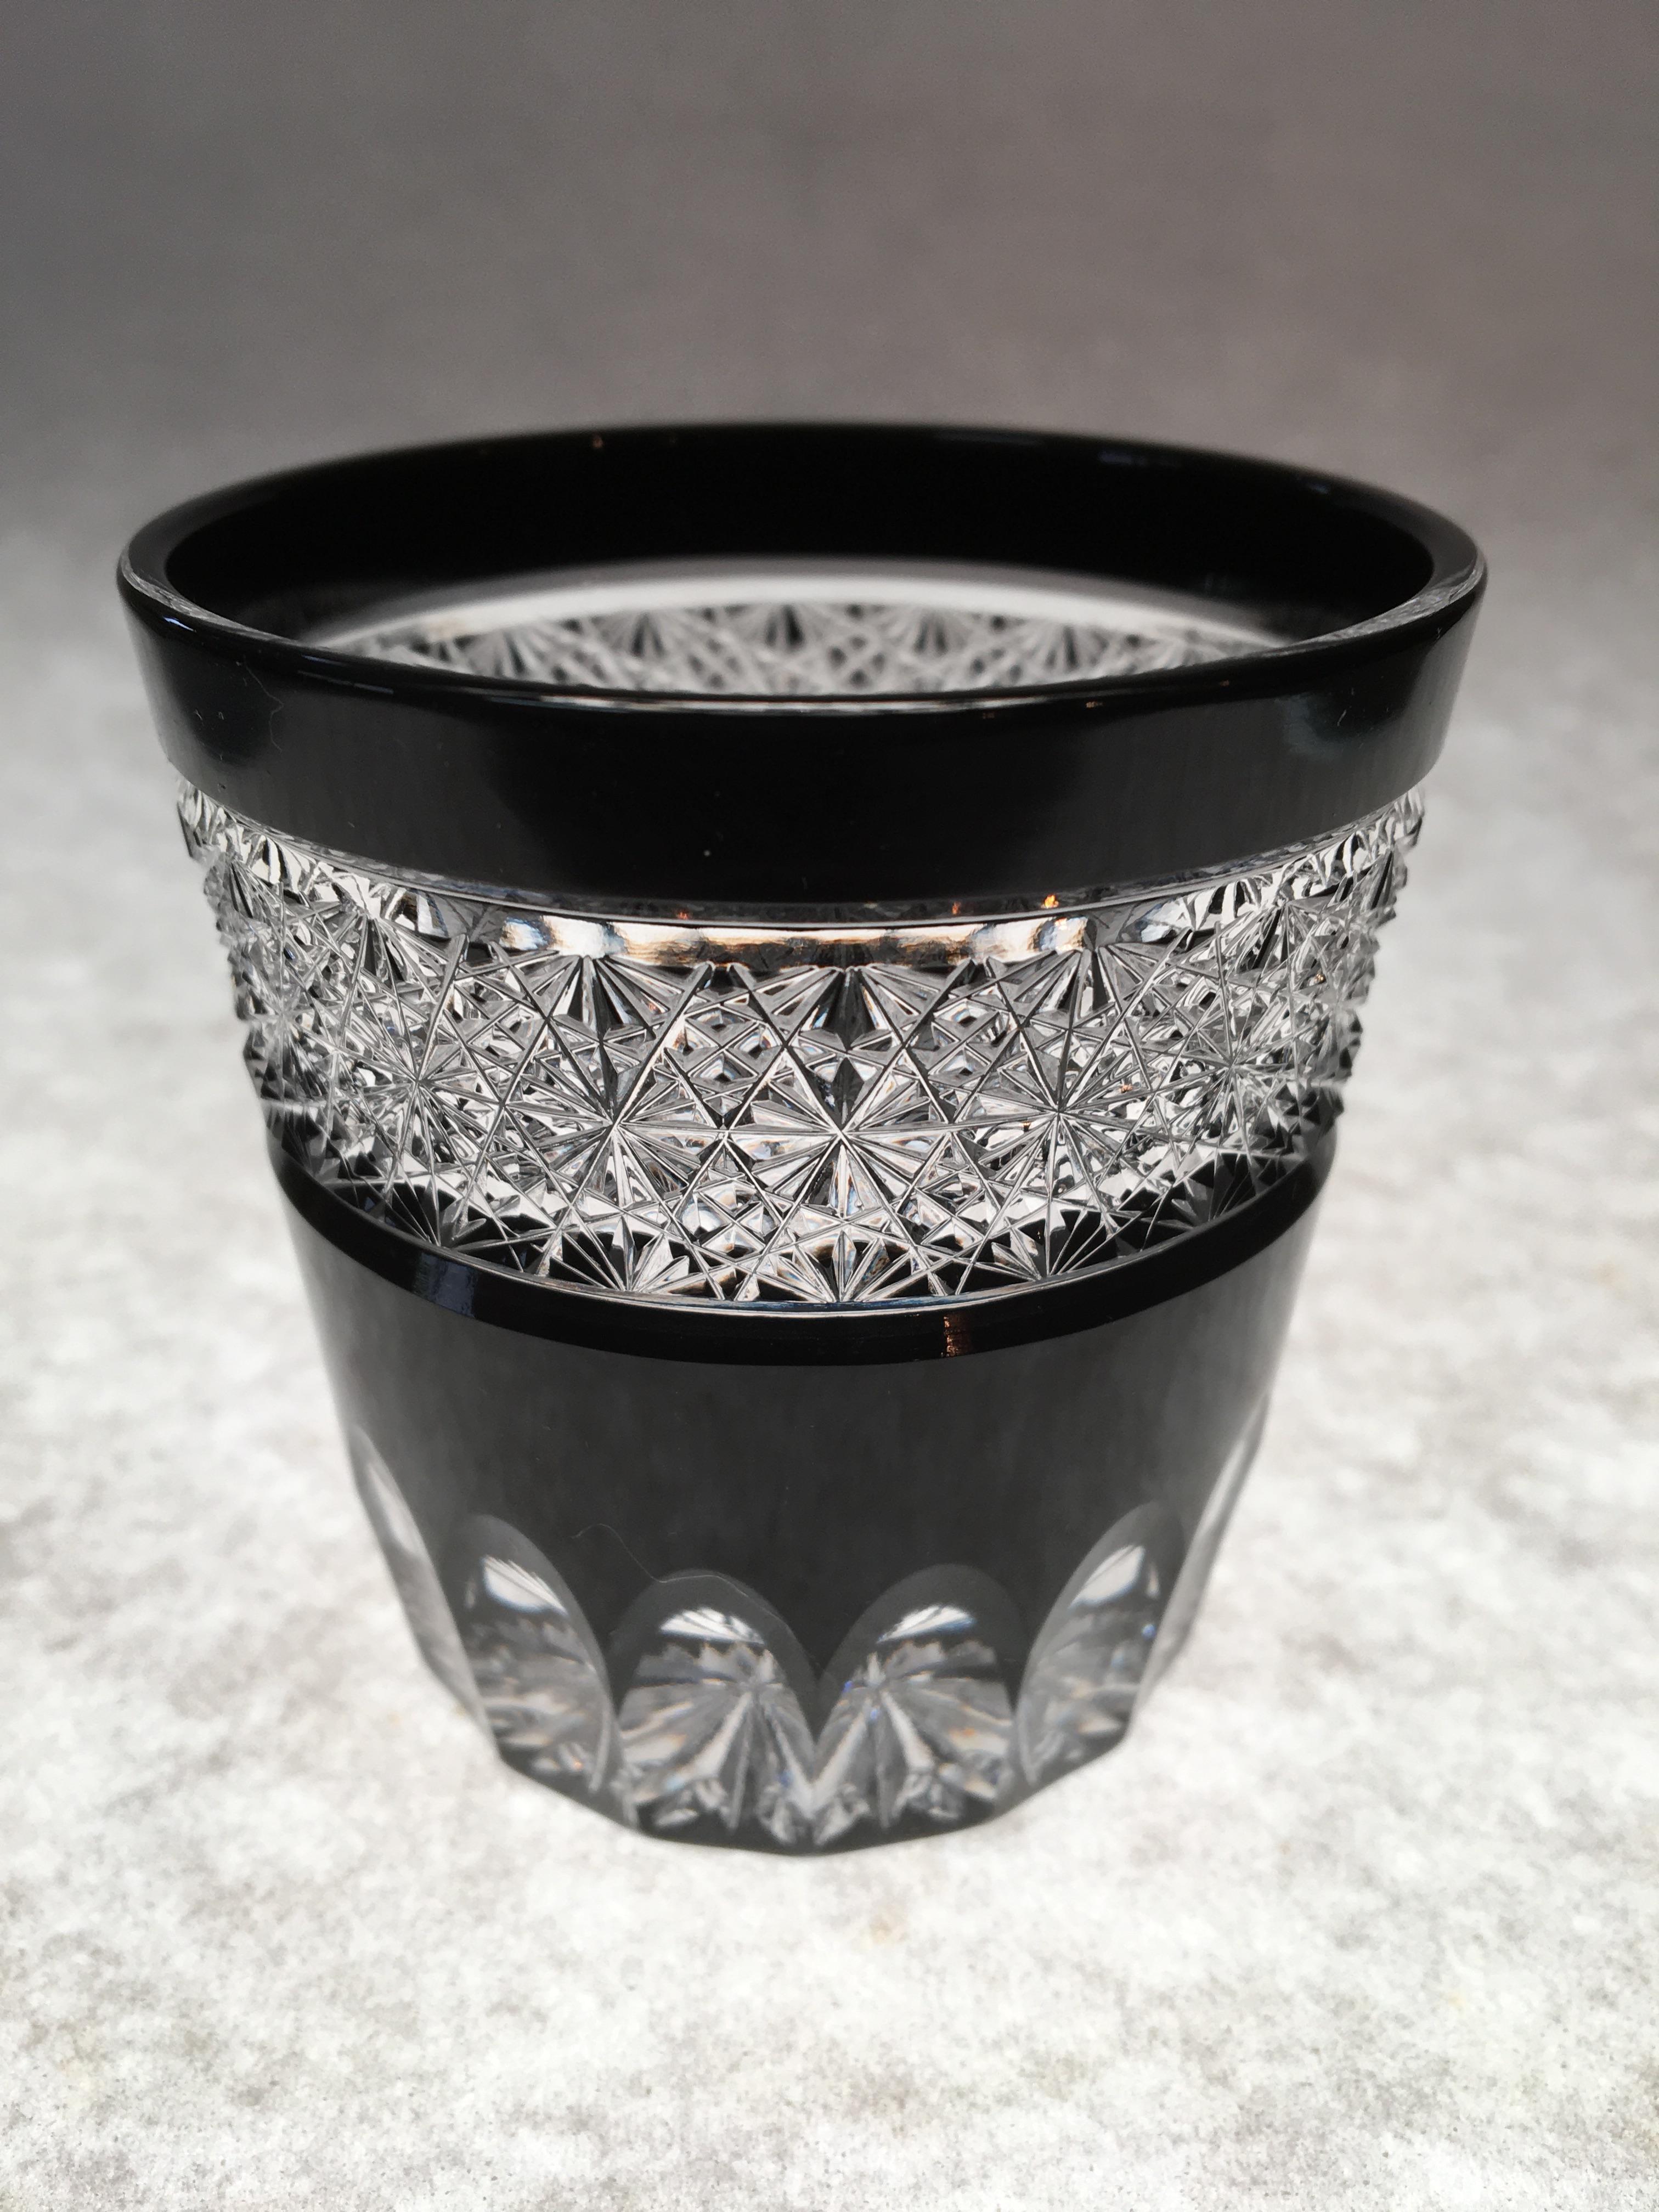 江戸切子 黒の酒グラスの在庫補充しました